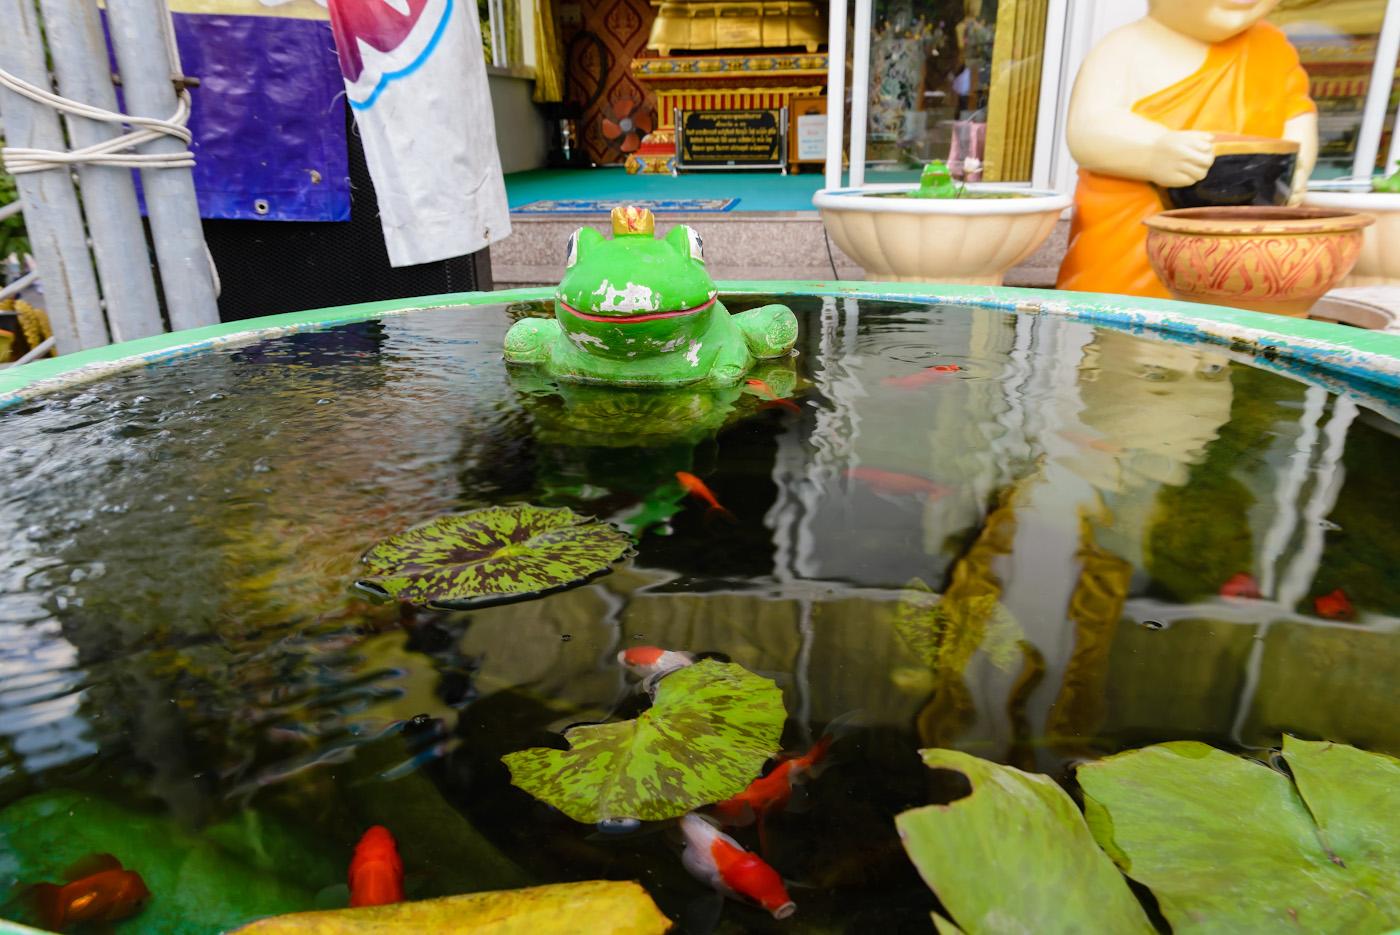 Фотография 27. Лягушка царевна у ног Биг Будды в Паттайе. Отзывы о поездке в Таиланд в четвертый раз. 1/50, 10.0, 1000, 24.